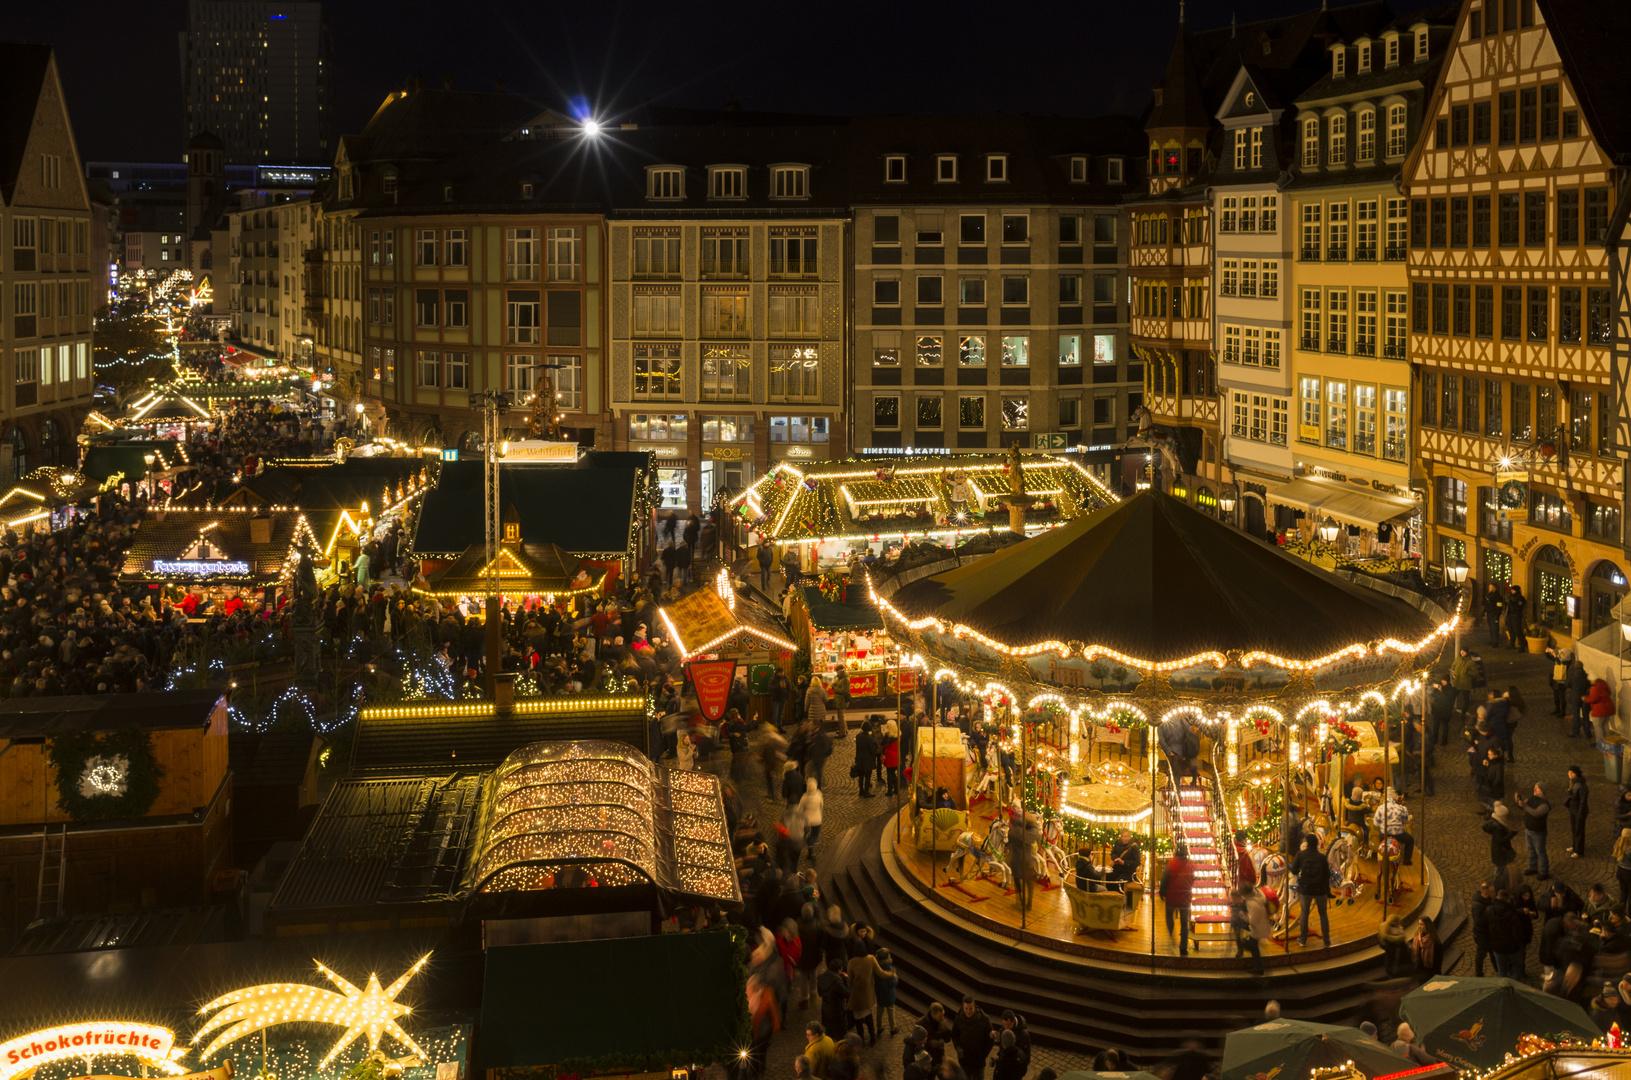 Weihnachtsmarkt Frankfurt Main.Weihnachtsmarkt In Frankfurt Am Main Photo Image Weihnachten